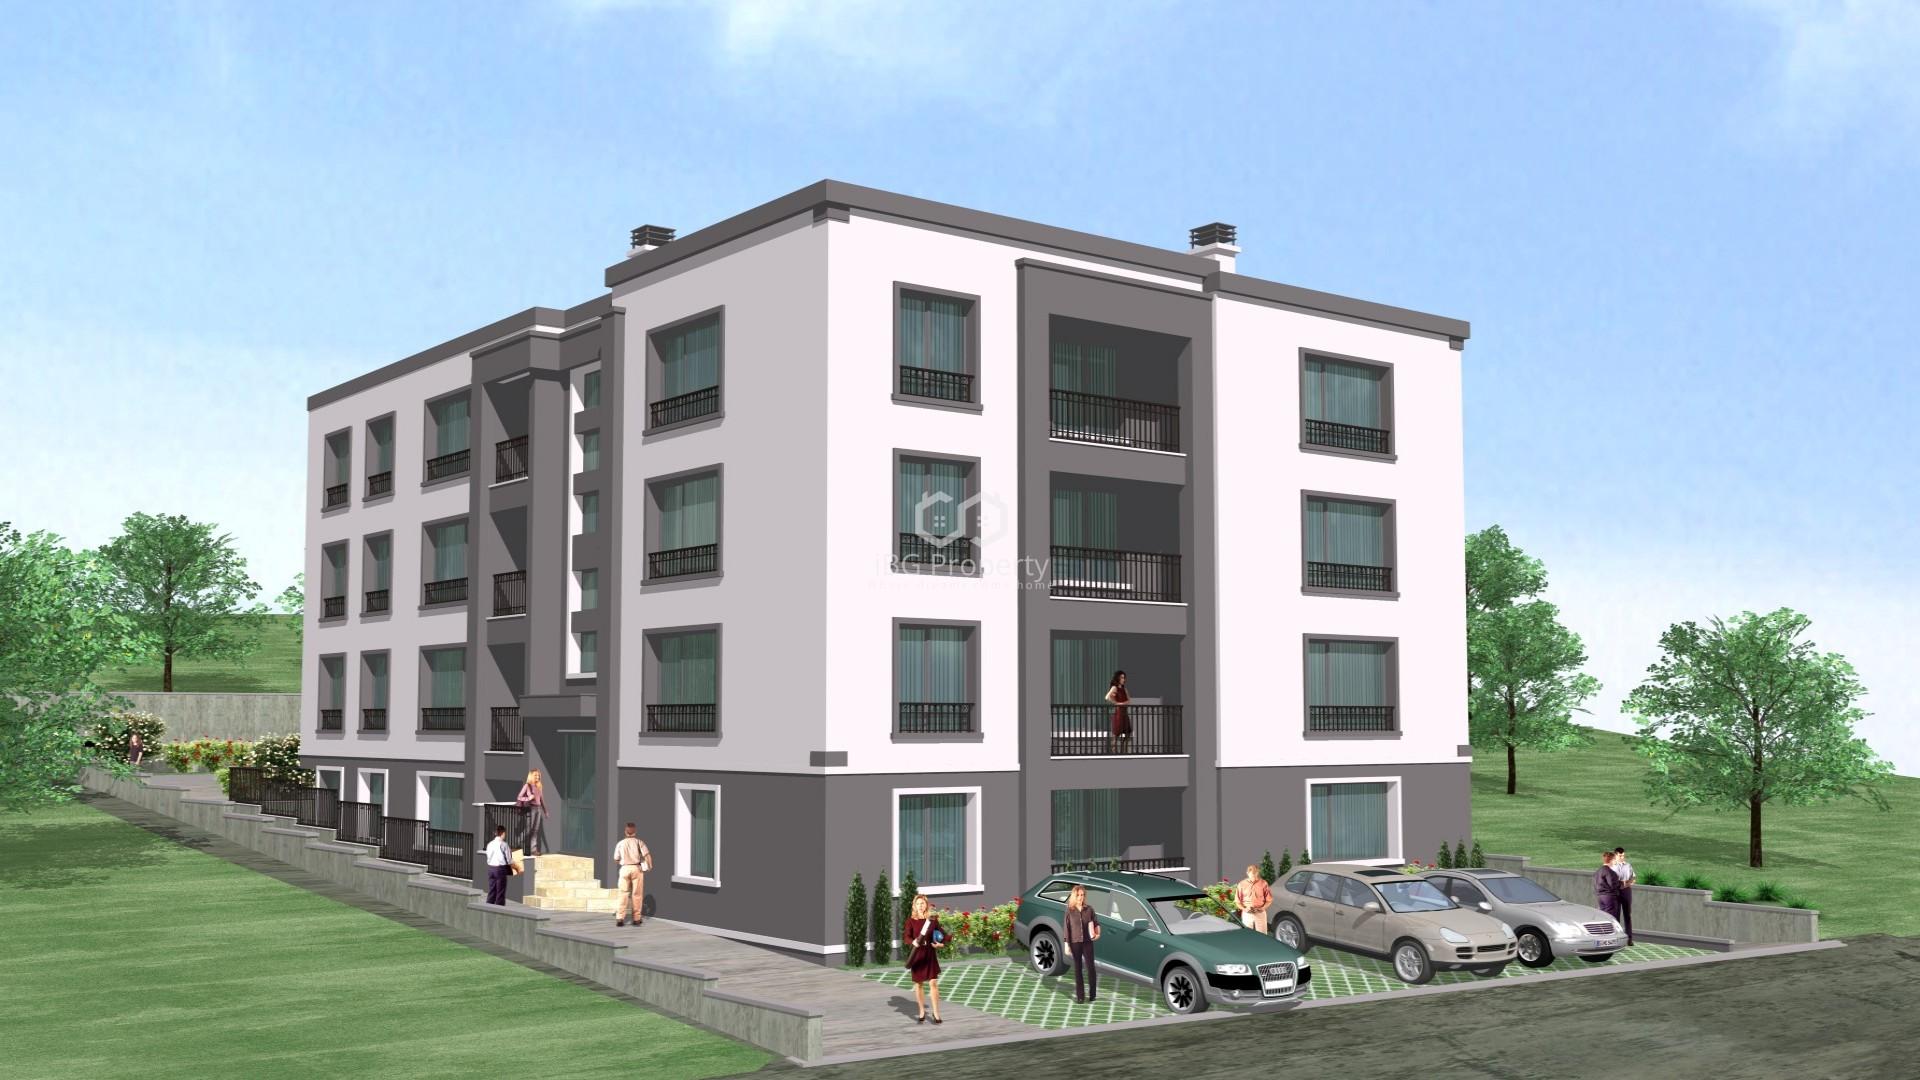 Едностаен апартамент Пчелина Варна 30 m2